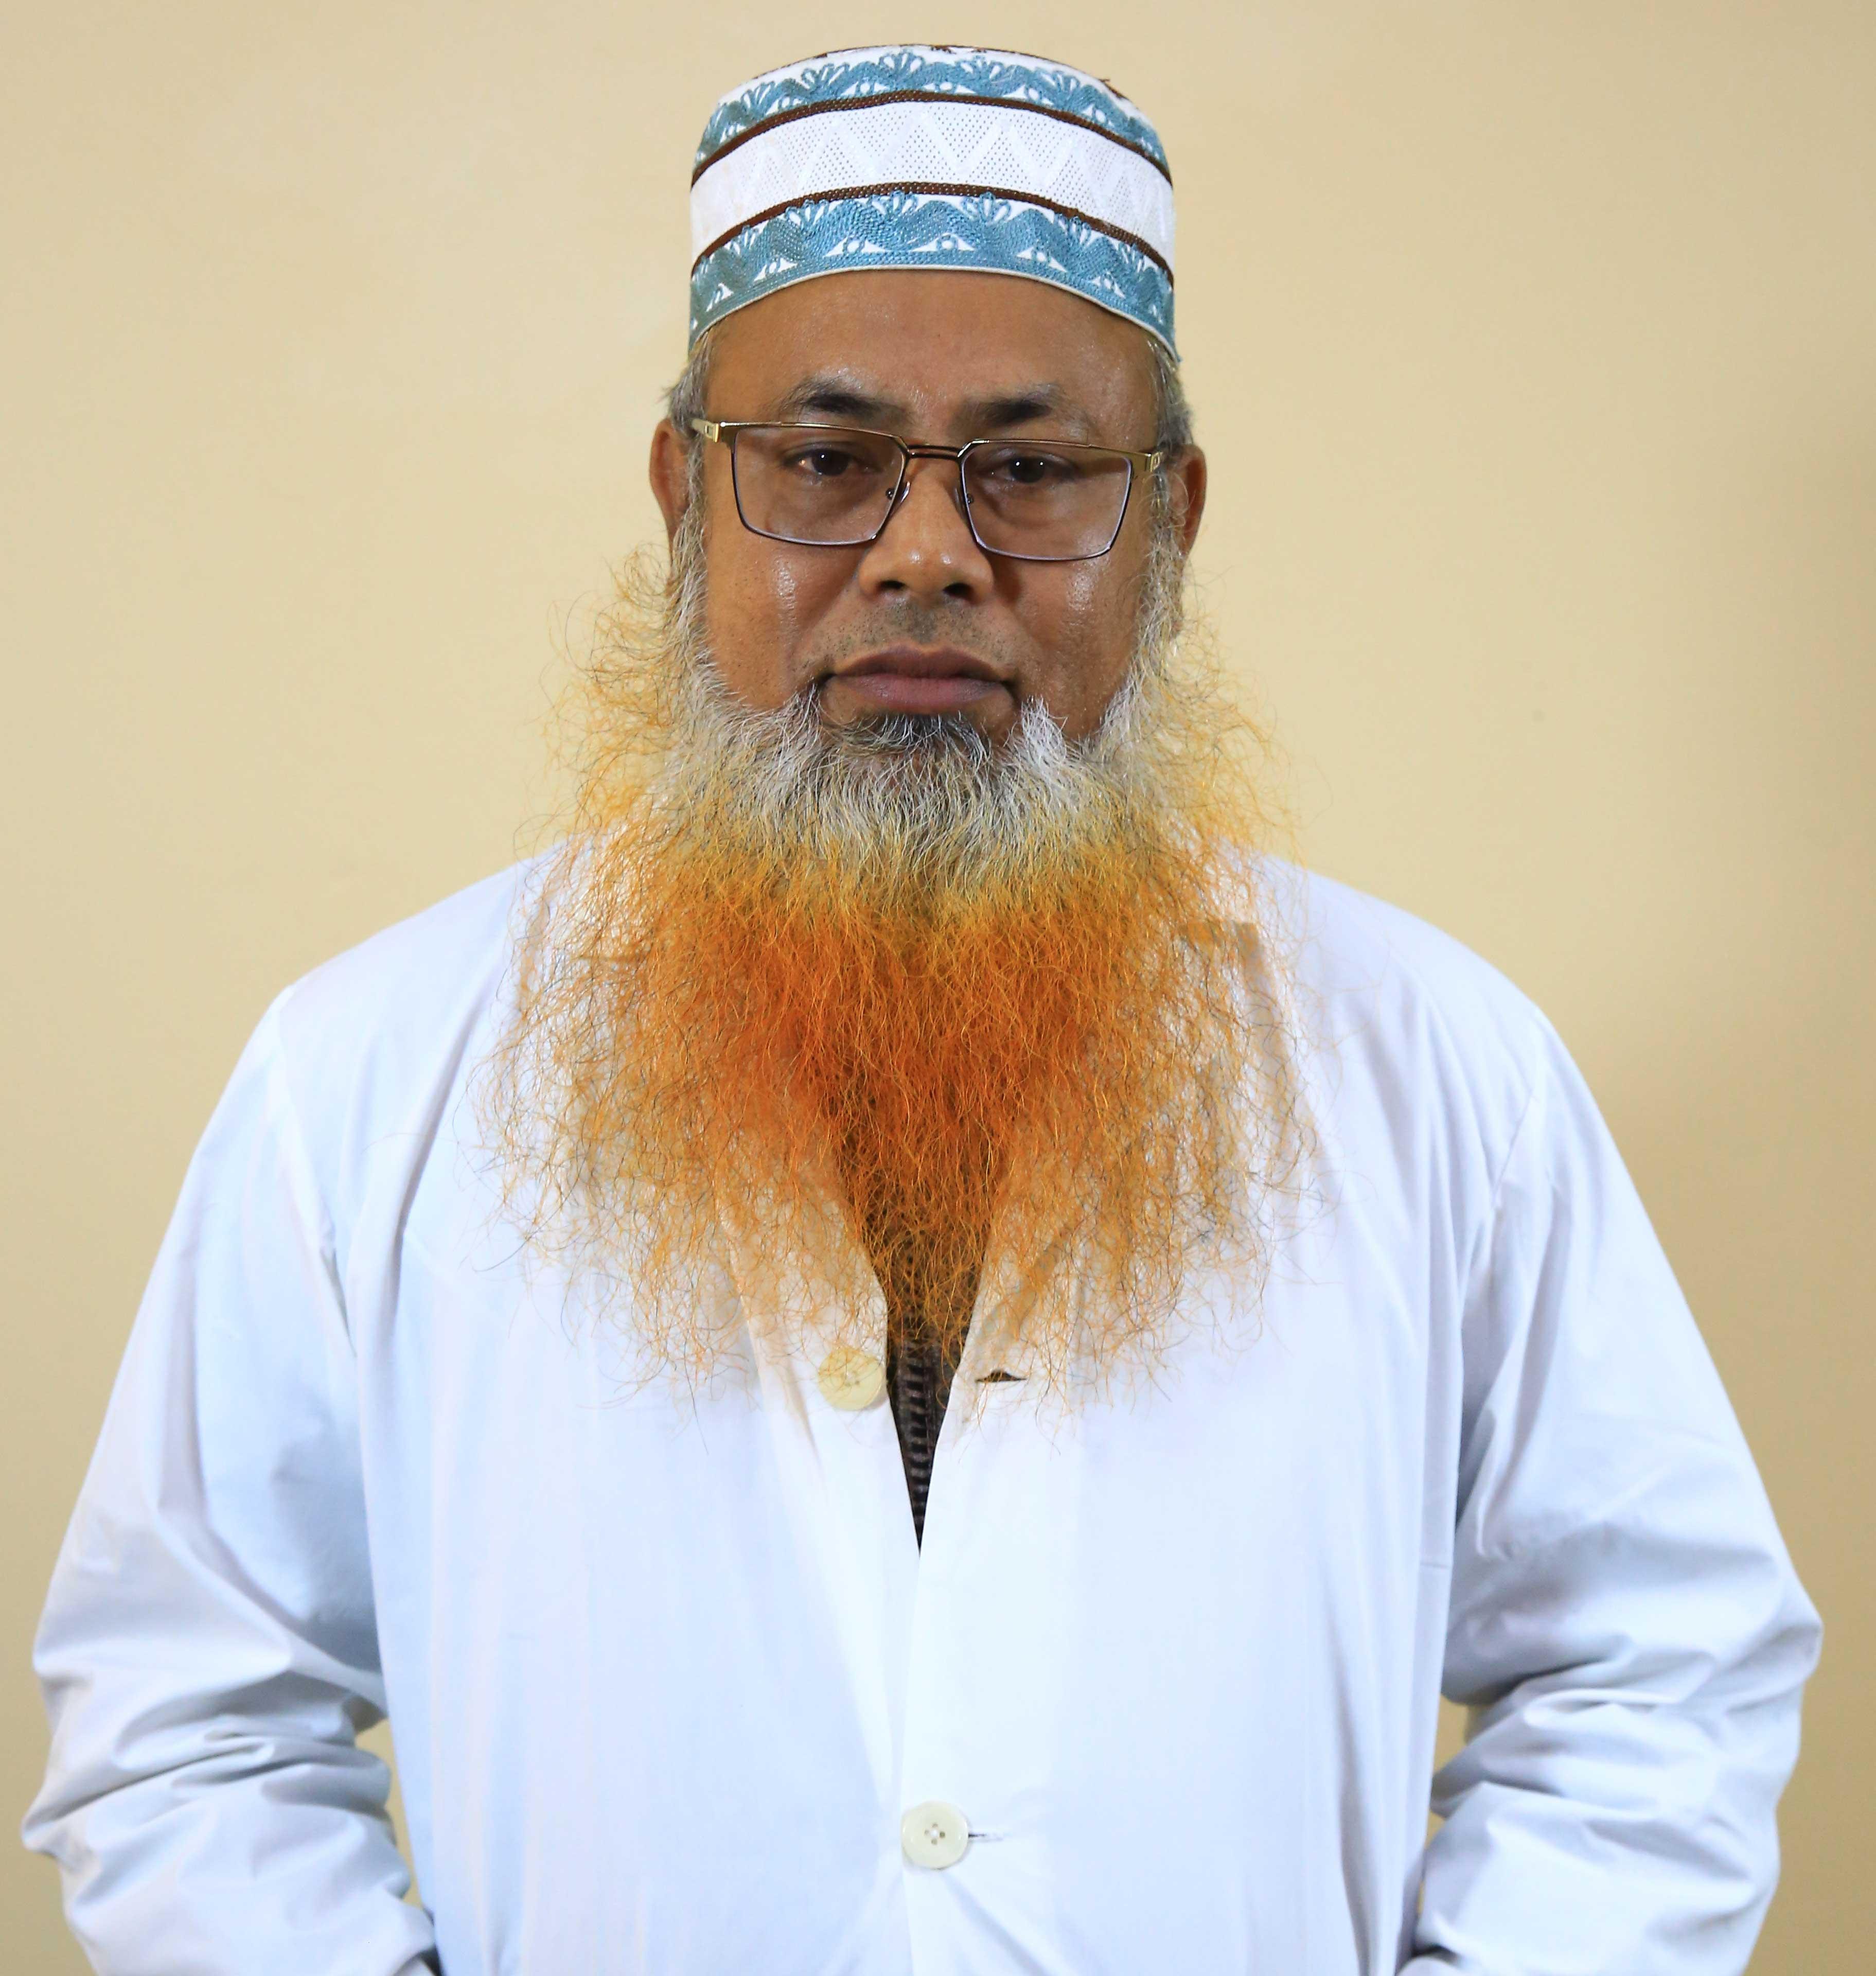 Dr. Md. Nabir Hossain